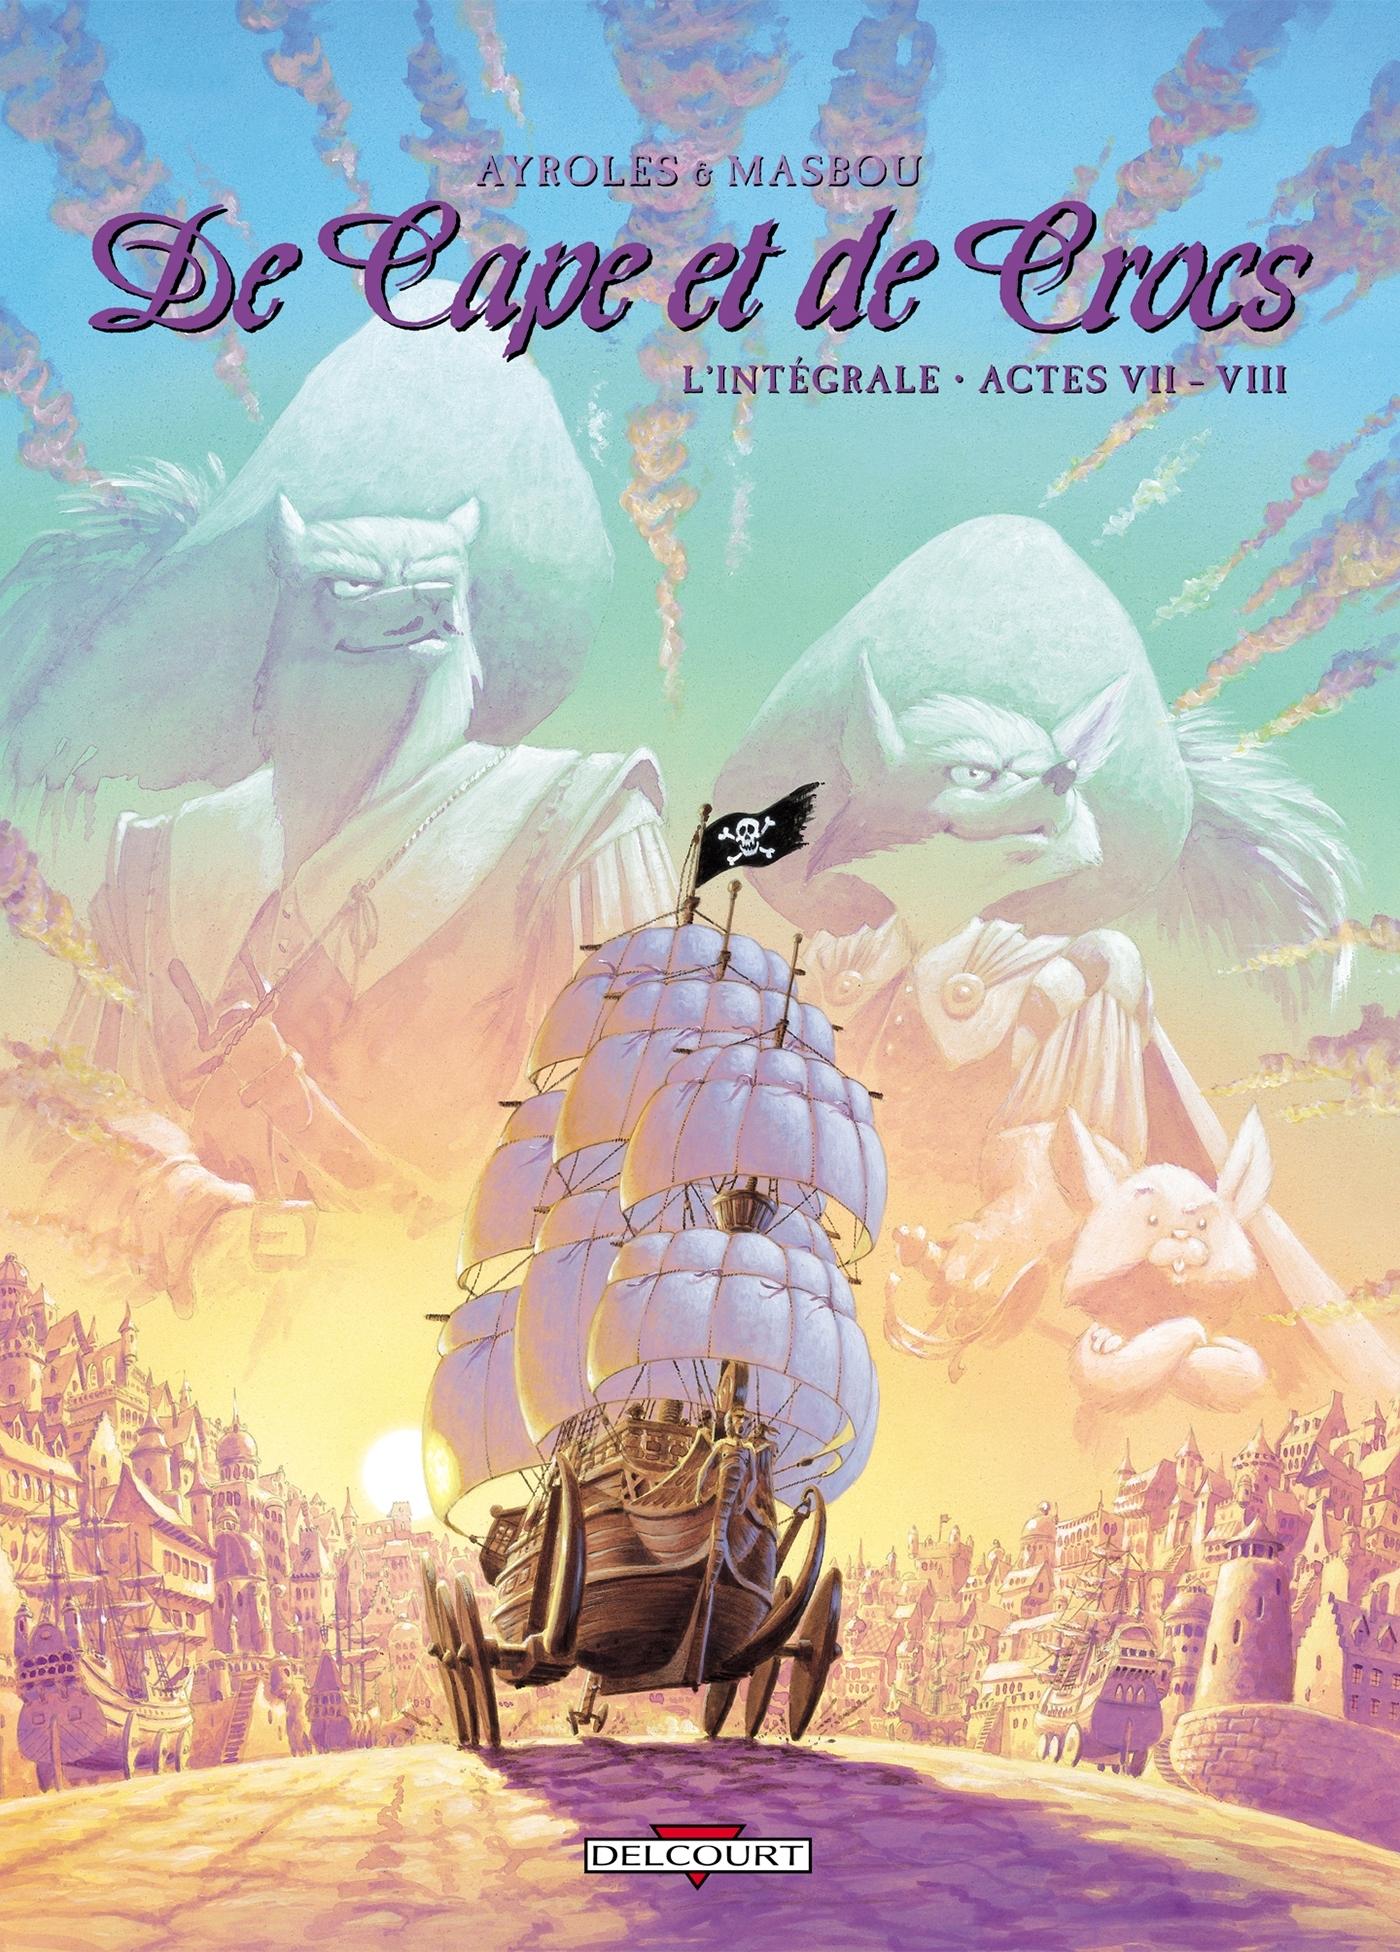 DE CAPE ET DE CROCS - INTEGRALE T07 A T08